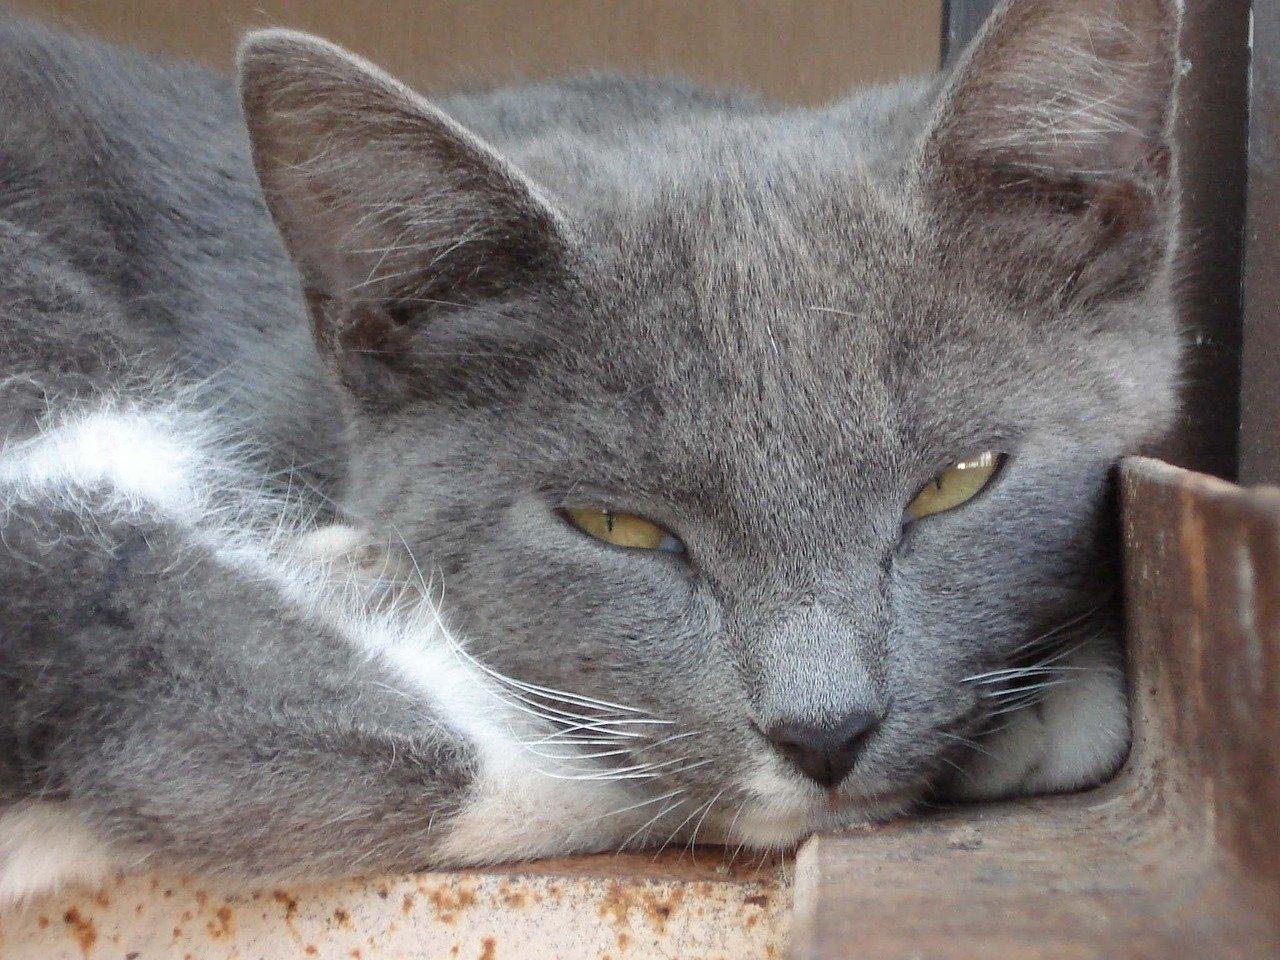 Killer dei gatti a Bergamo: chiesti 16 mesi di carcere